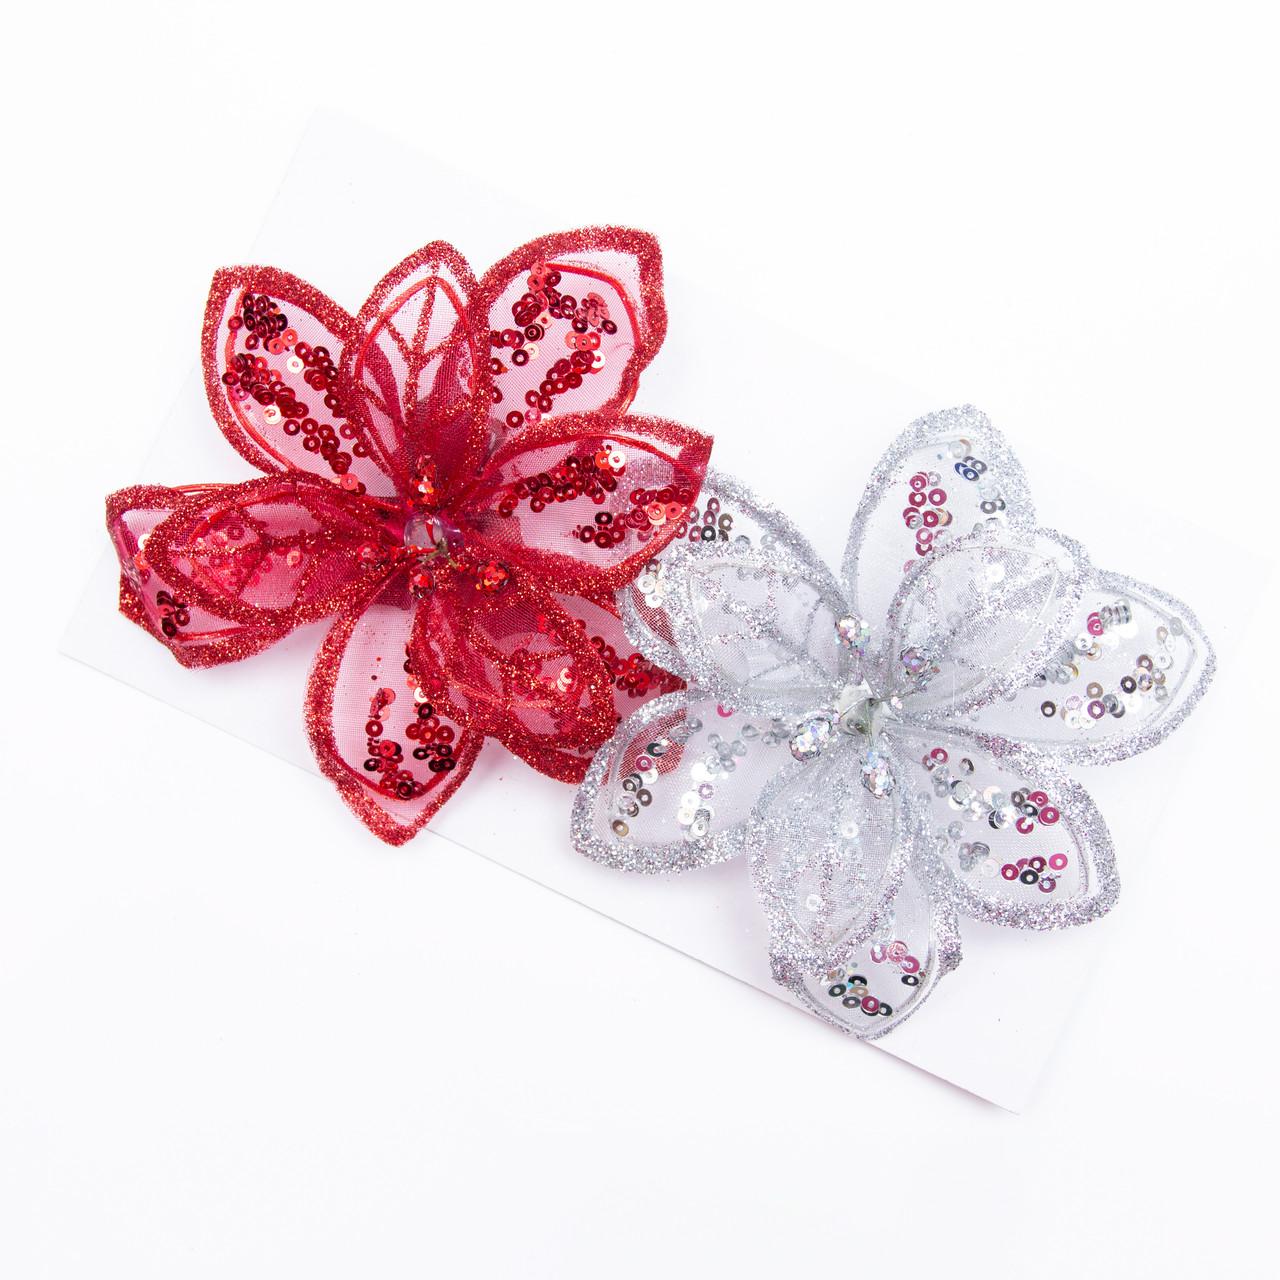 Набор елочных игрушек - цветы на клипсе, 2 шт, 11 см, красный, серебристый, органза (780150-1)